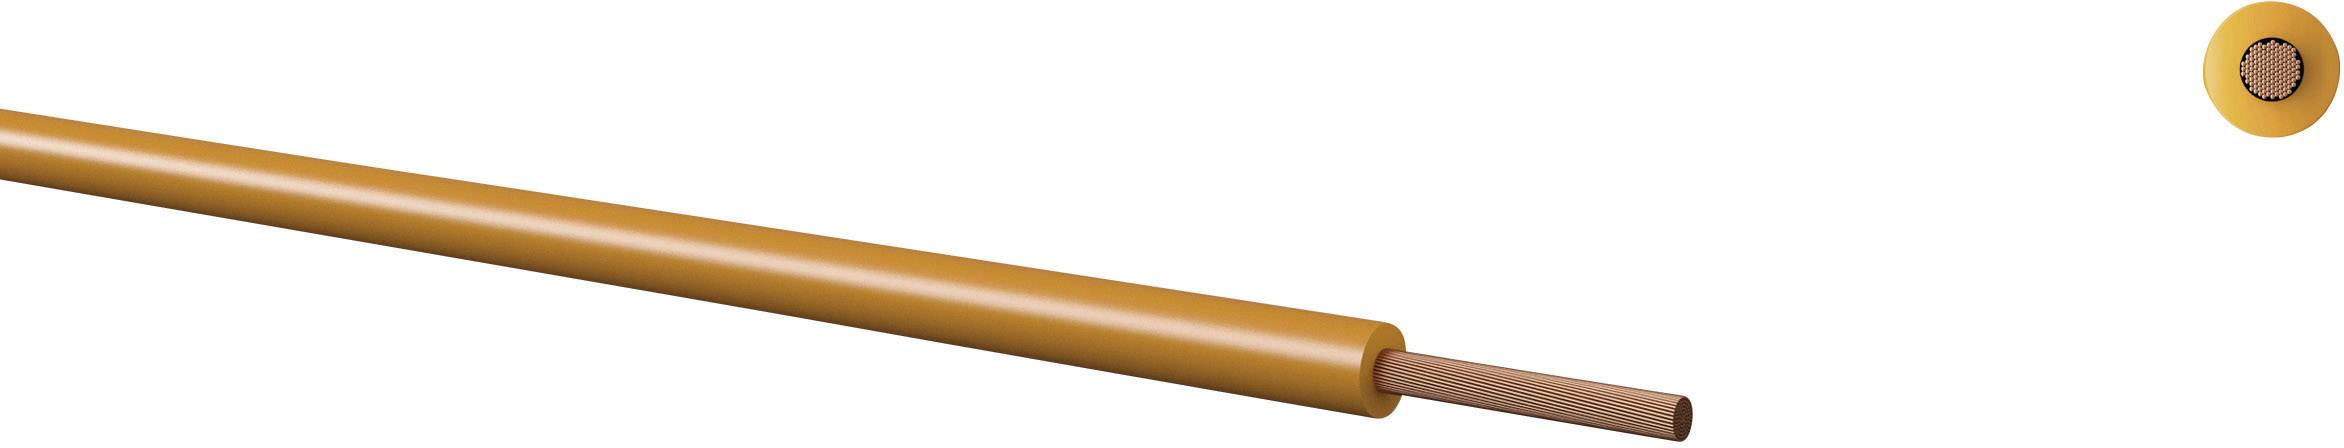 Opletenie / lanko Kabeltronik 160125008 LiFY, 1 x 2.50 mm², vonkajší Ø 3.80 mm, metrový tovar, červená